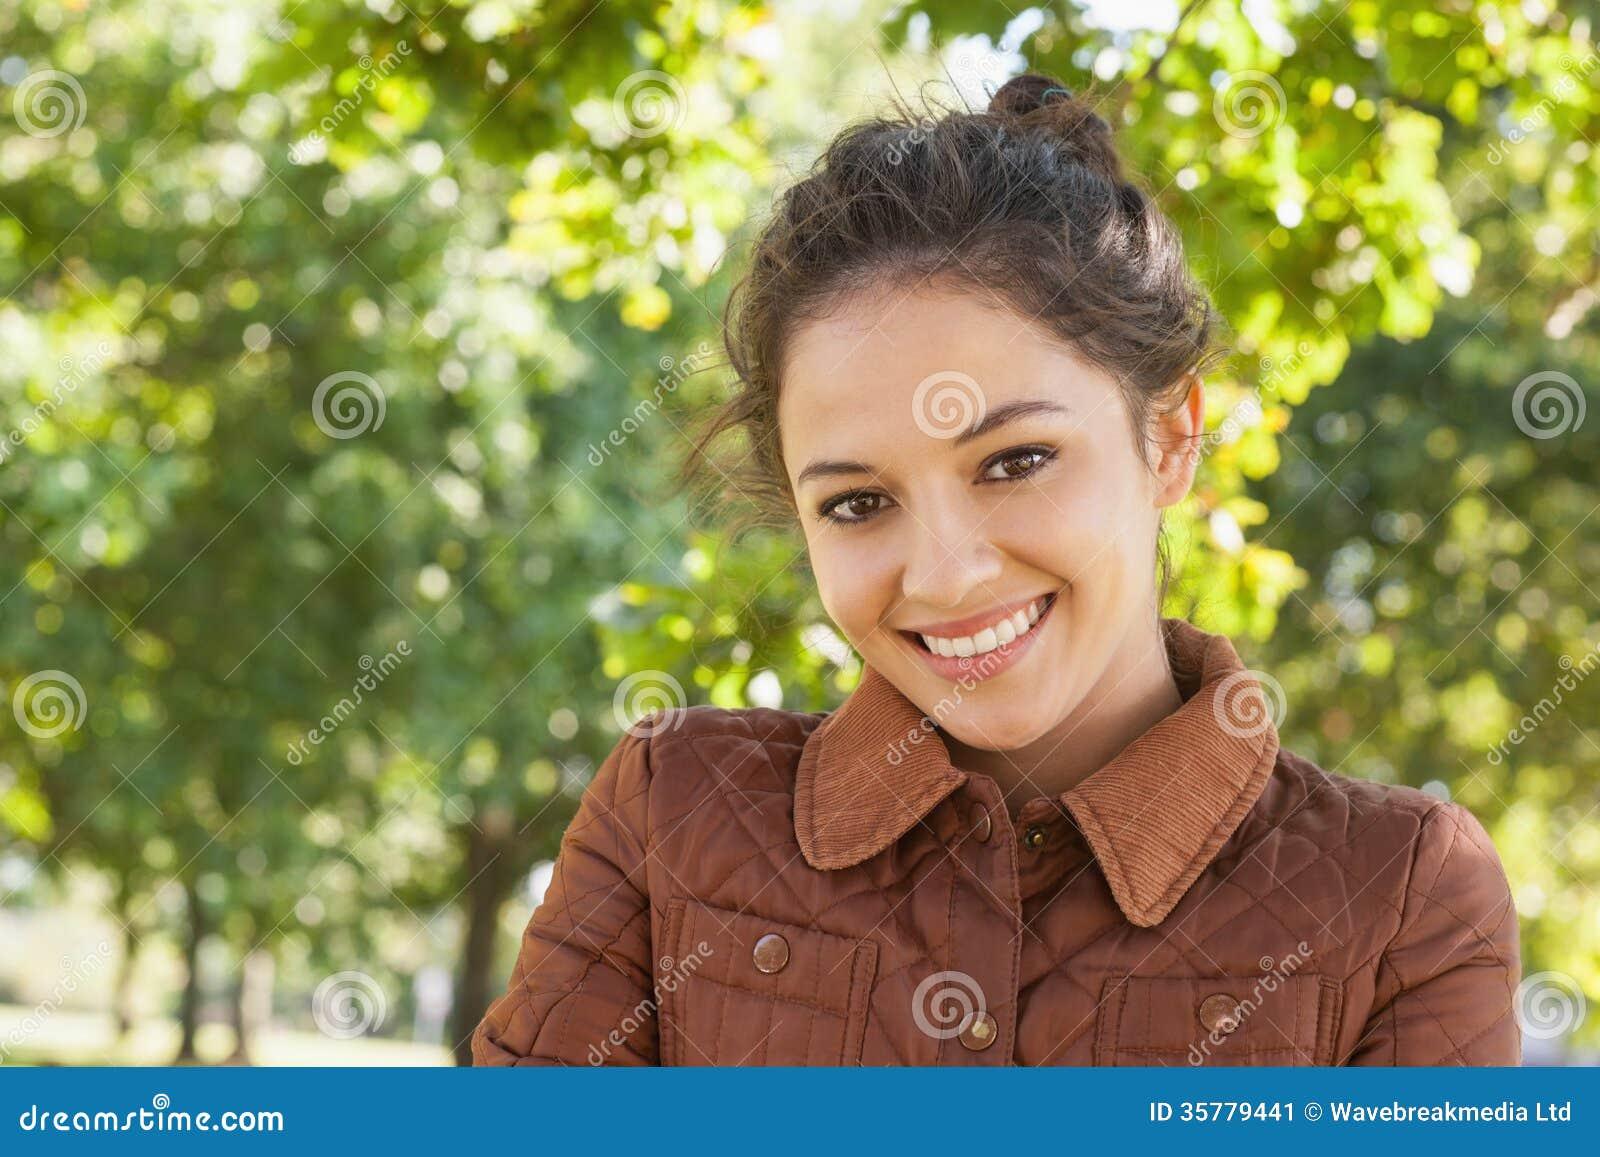 Femme magnifique posant portant un manteau en parc